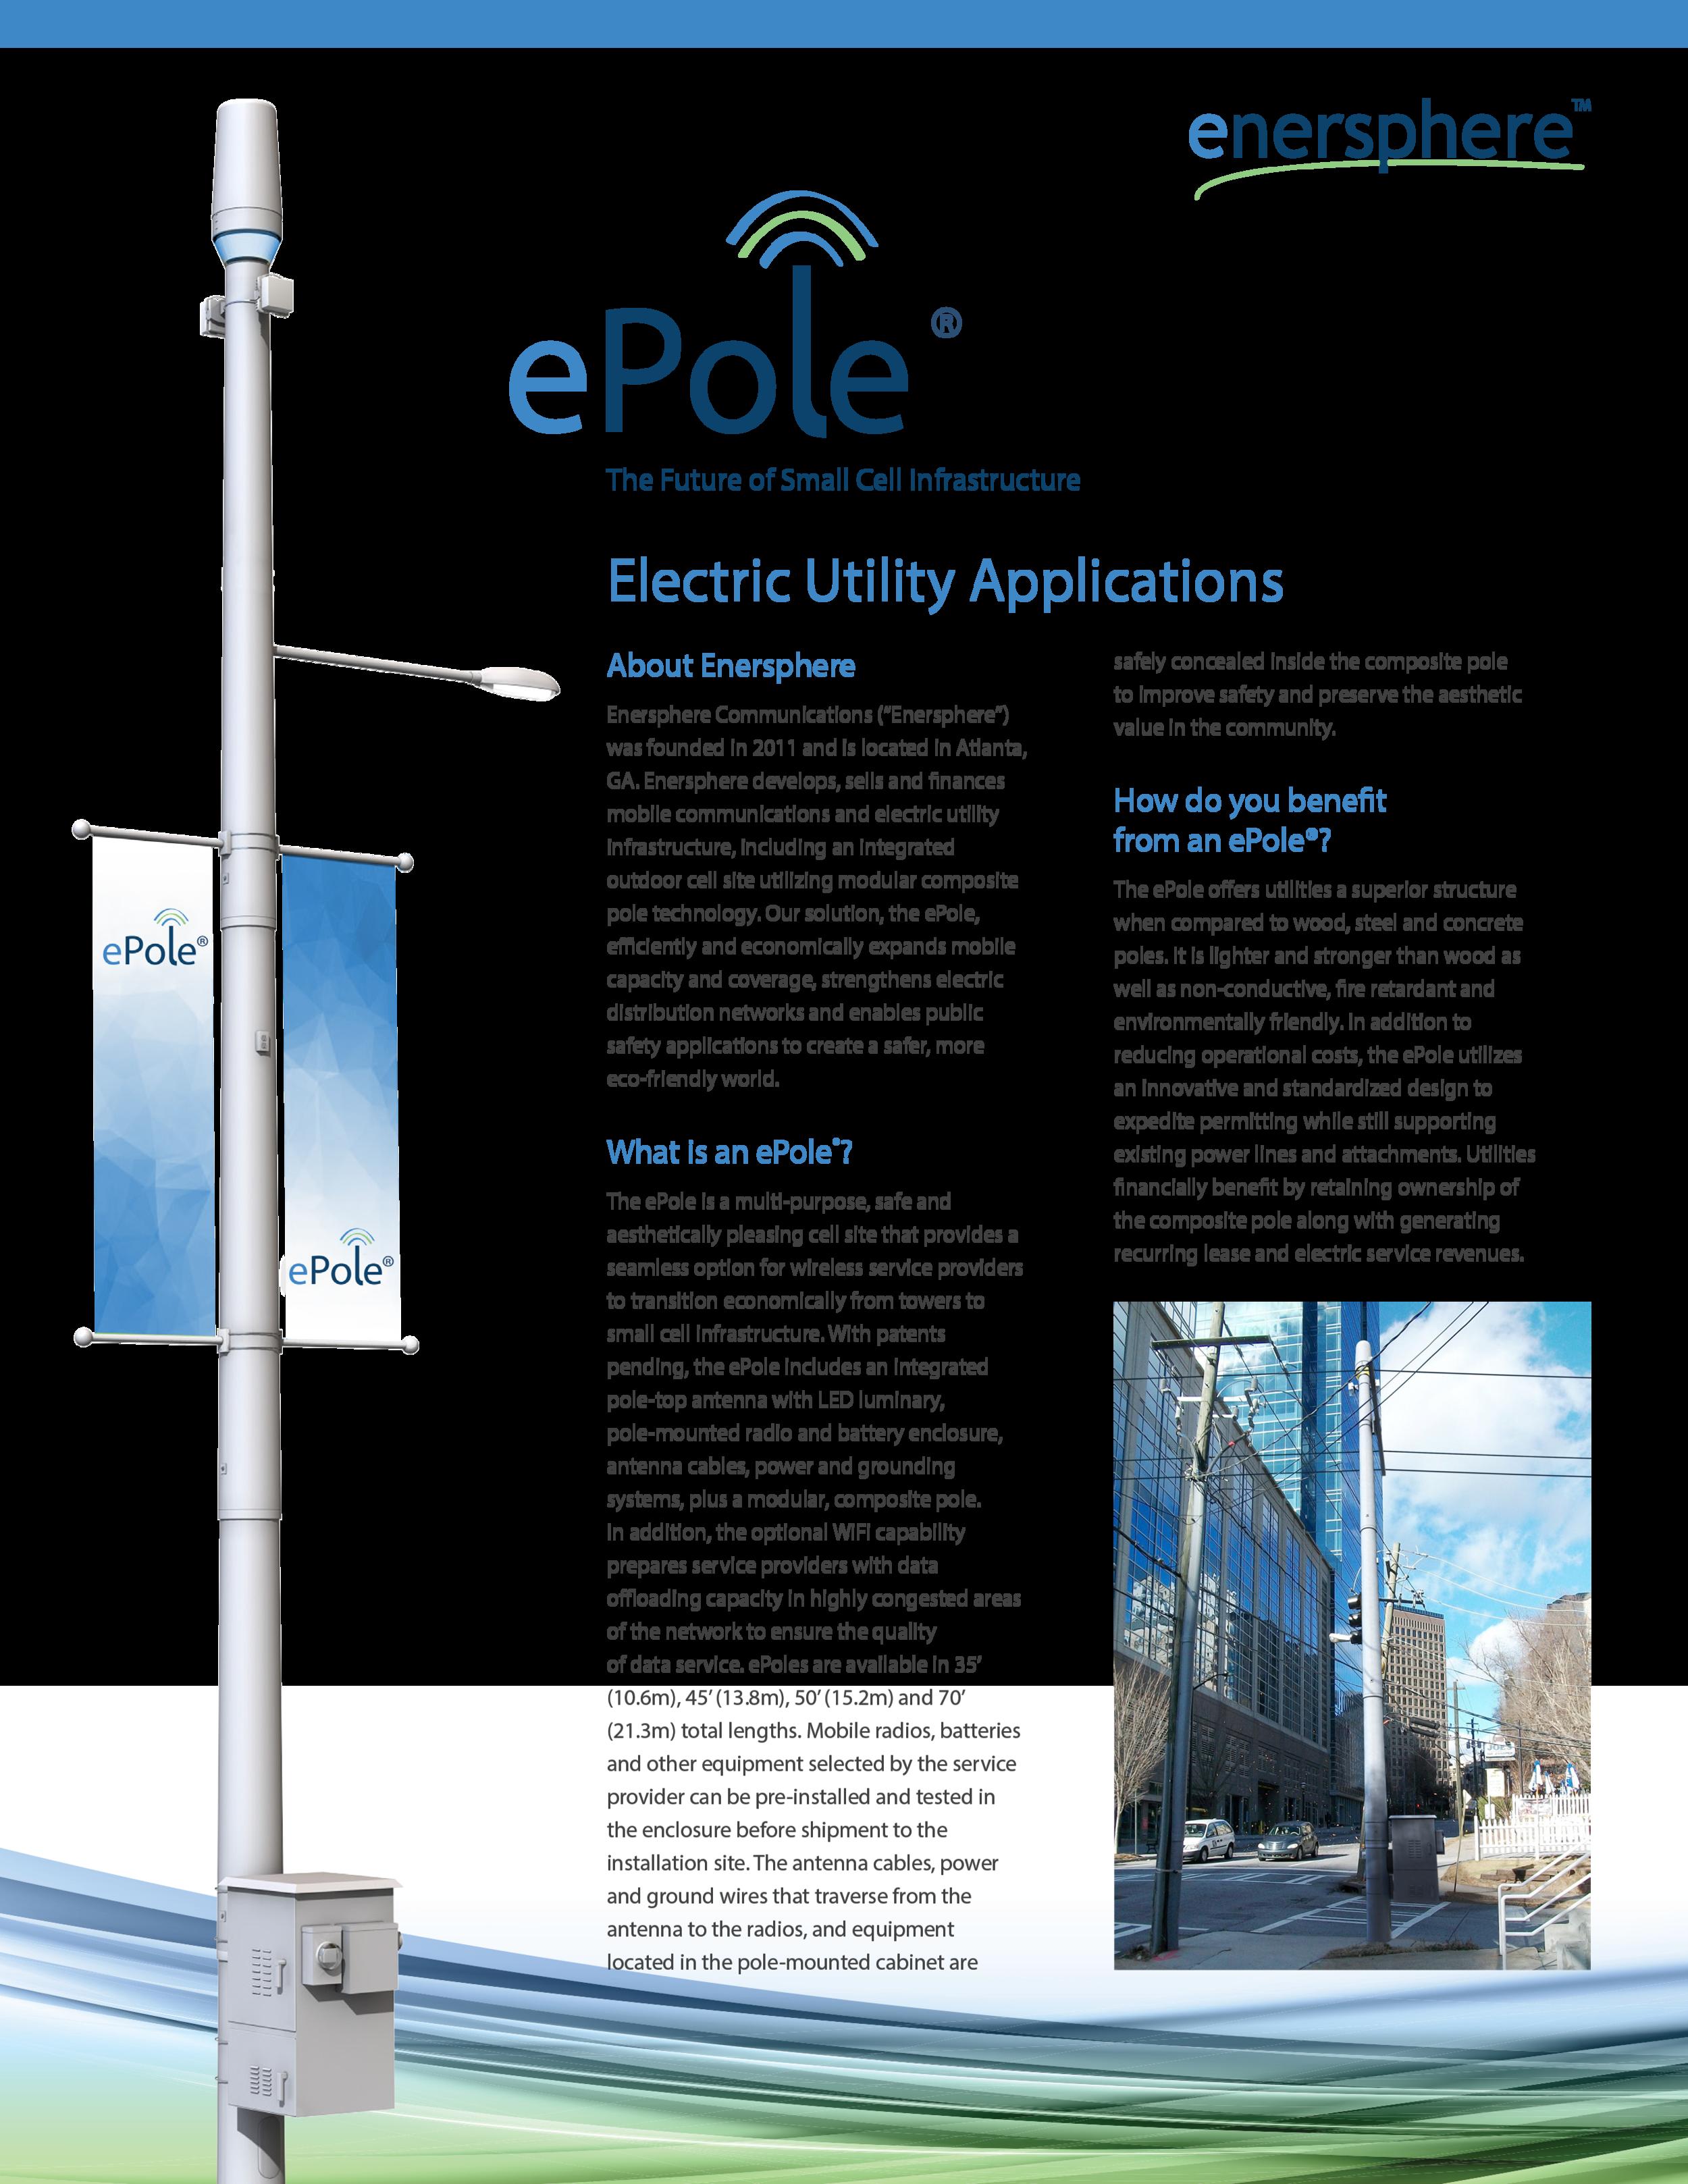 Enersphere_SellSheet_Utility_8.5x11_188129_v2r2-1.png